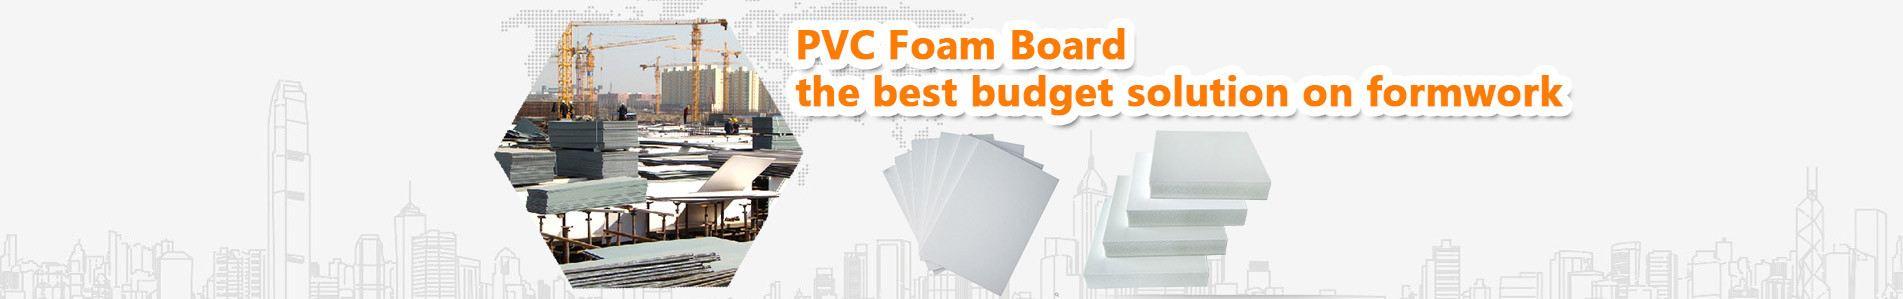 pvc-foam-board